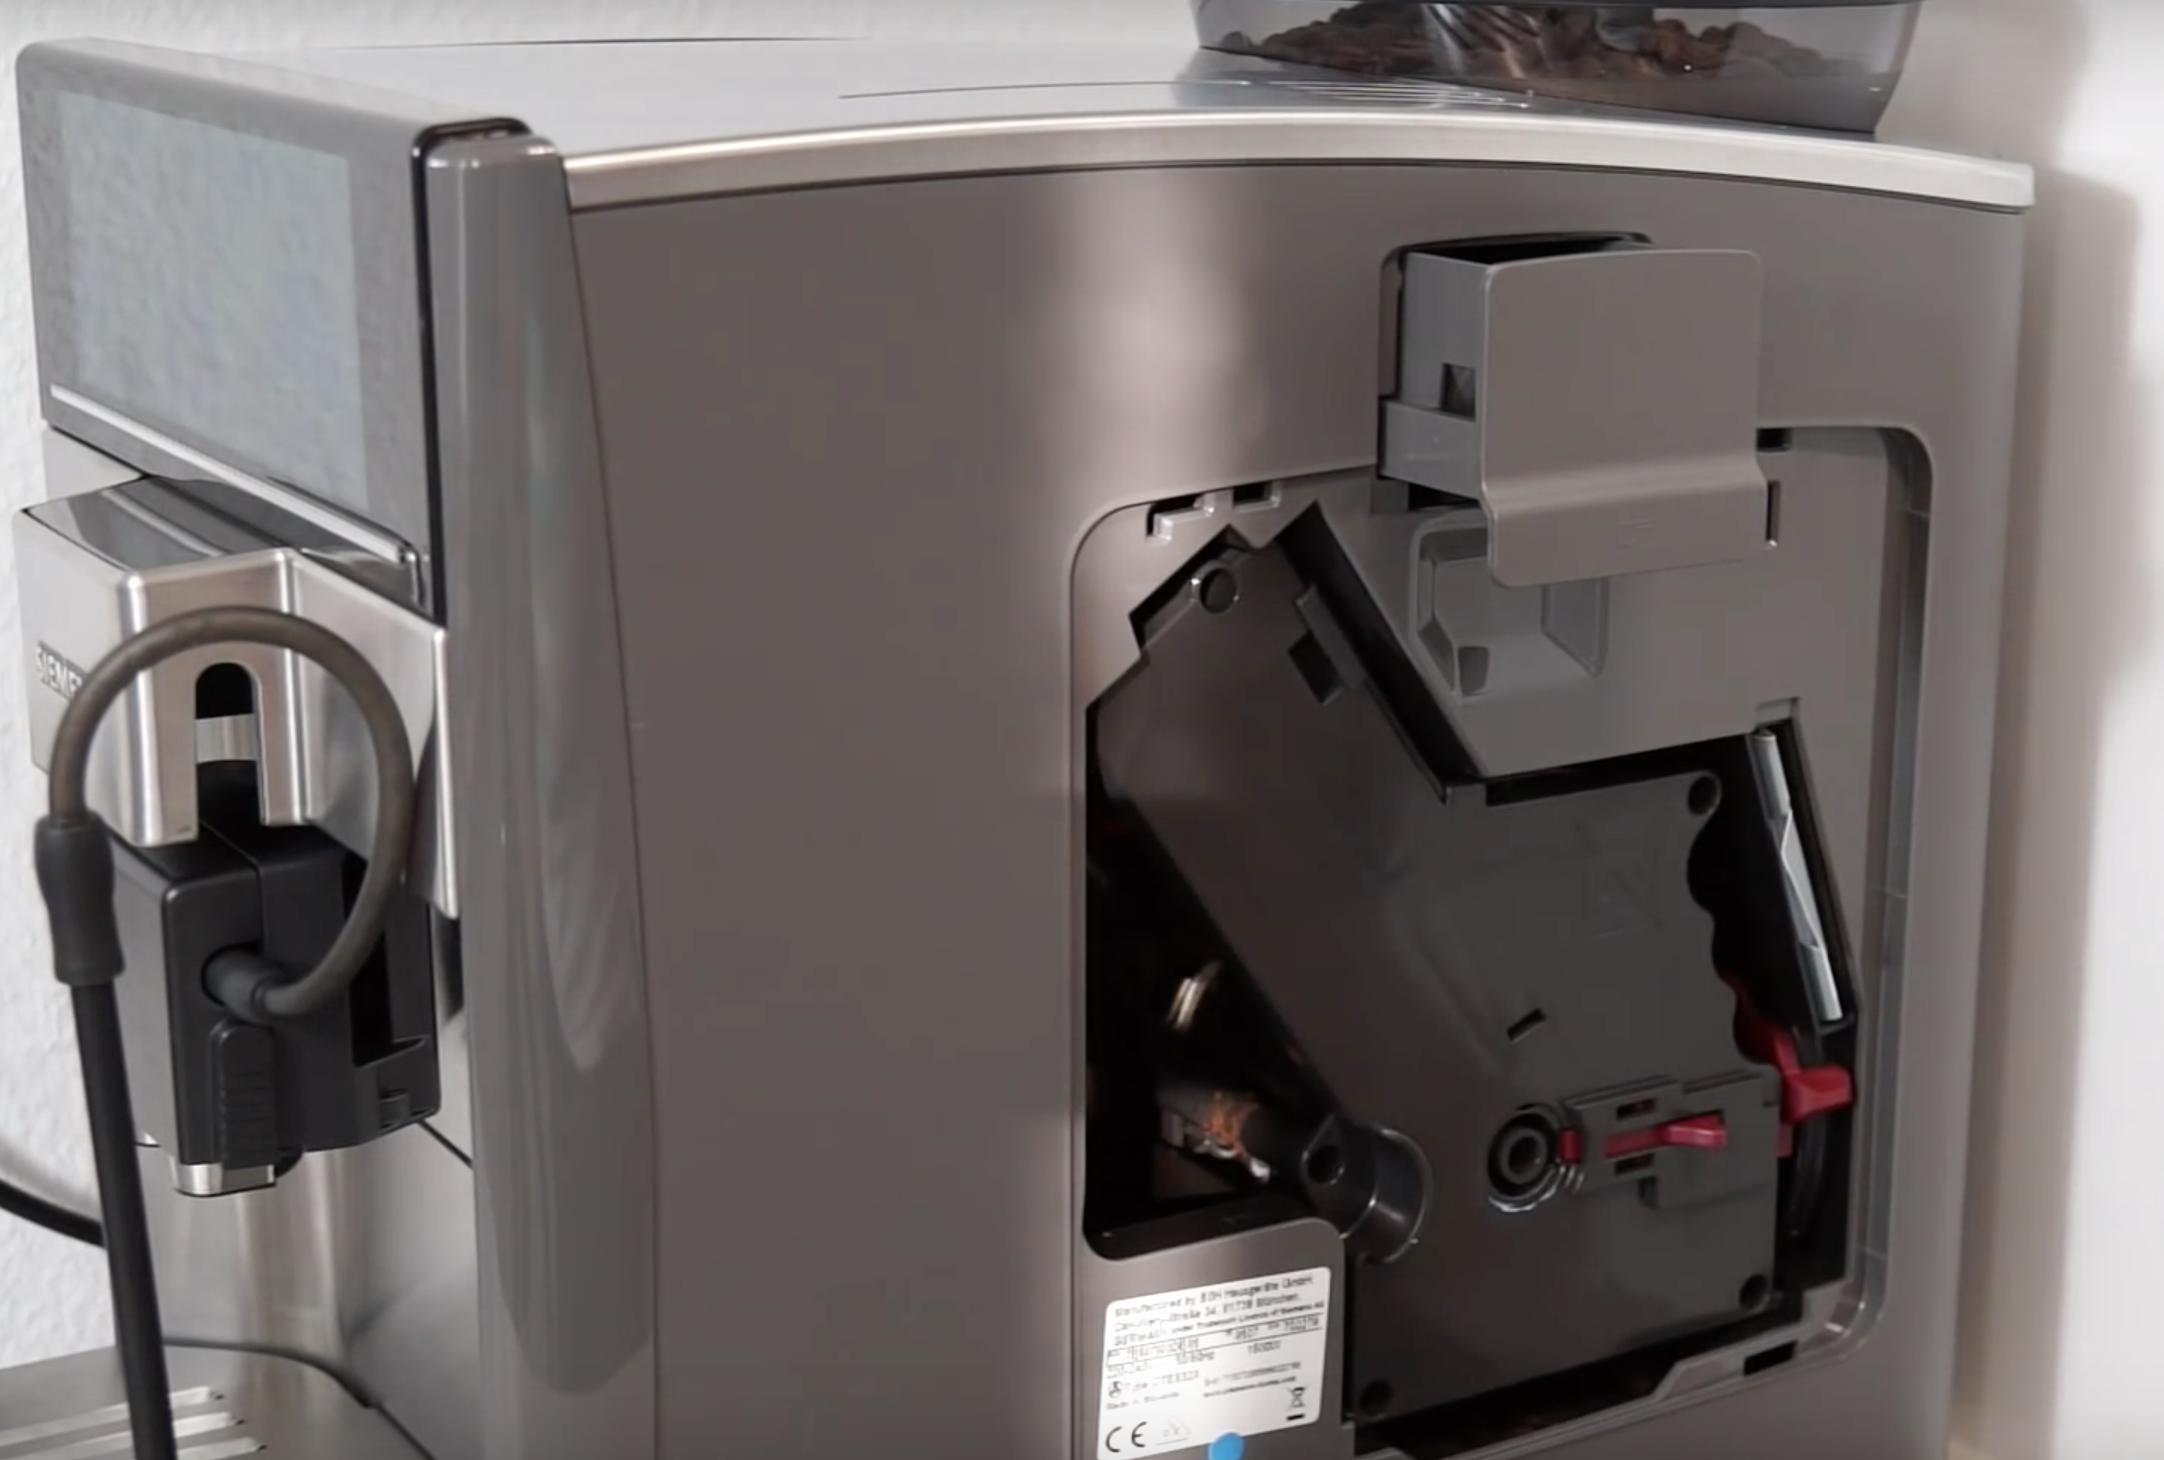 Siemens Kühlschrank Wasserfilter Wechseln : Siemens filter wechseln dunstabzug effektiv und leise berbel